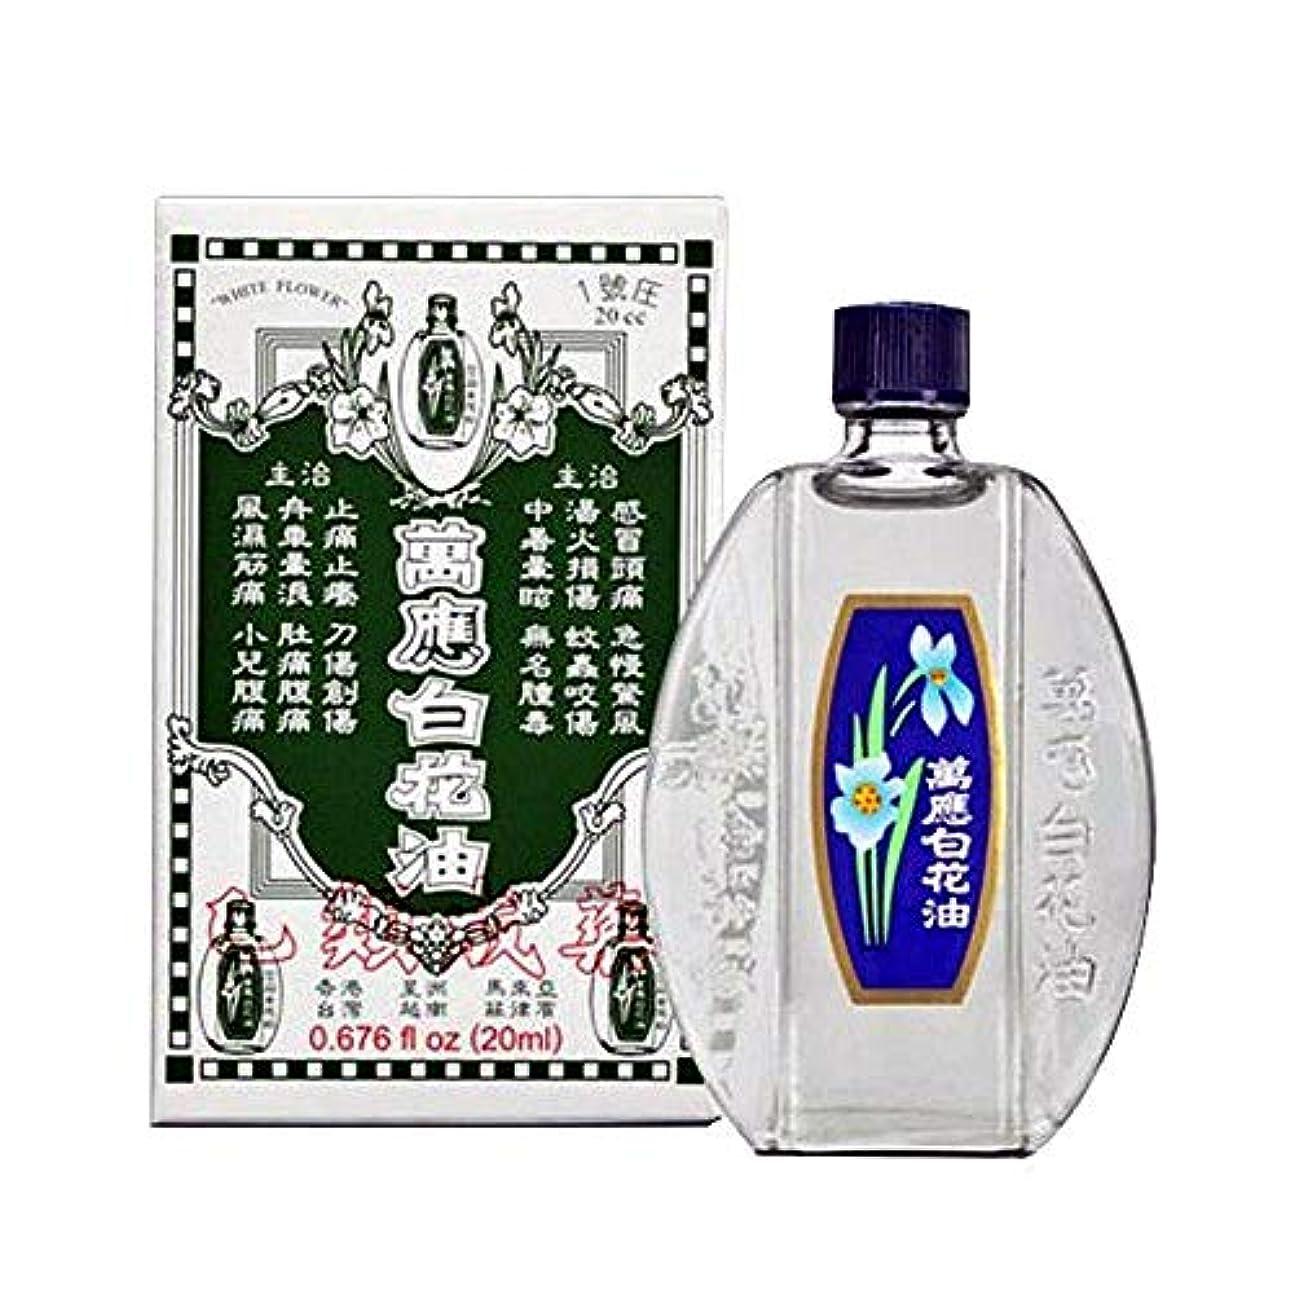 ほとんどないプラスチック上《萬應白花油》 台湾の万能アロマオイル 万能白花油 20ml 《台湾 お土産》 [並行輸入品]